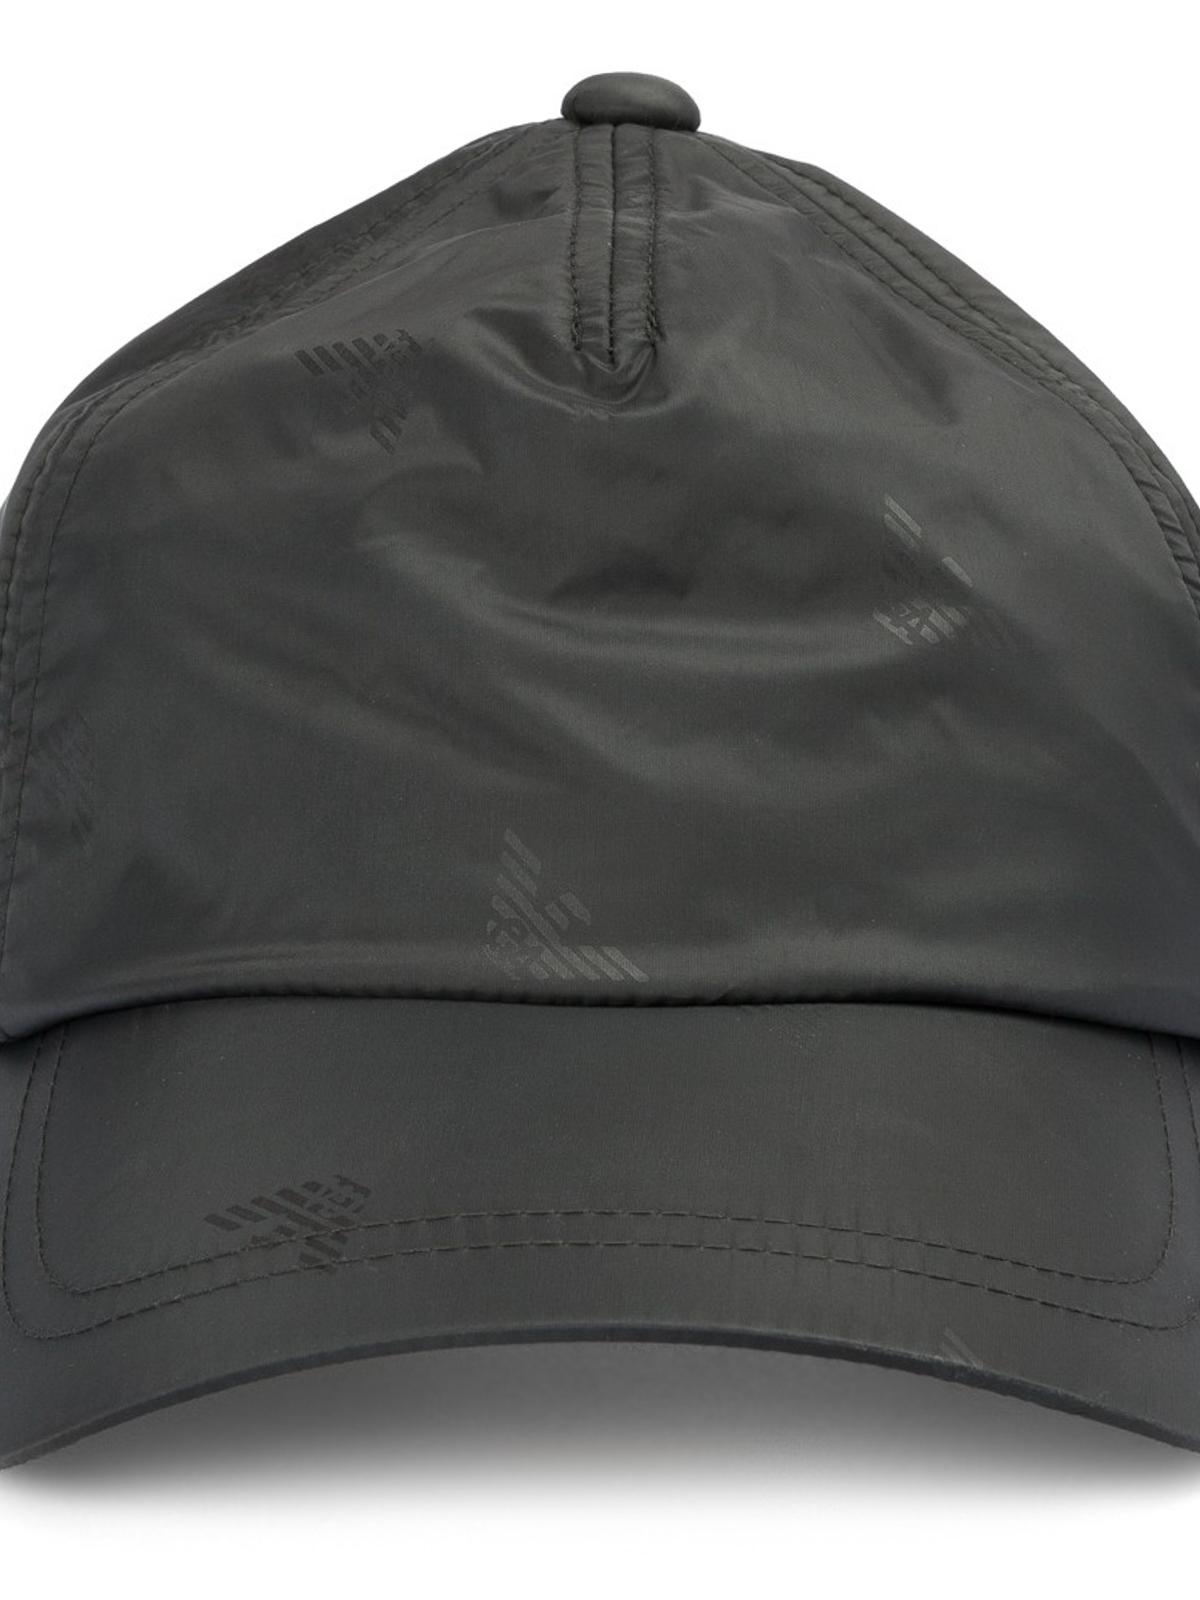 iKRIX EMPORIO ARMANI  hats   caps - Logo print nylon baseball cap d7c5d83d8c6